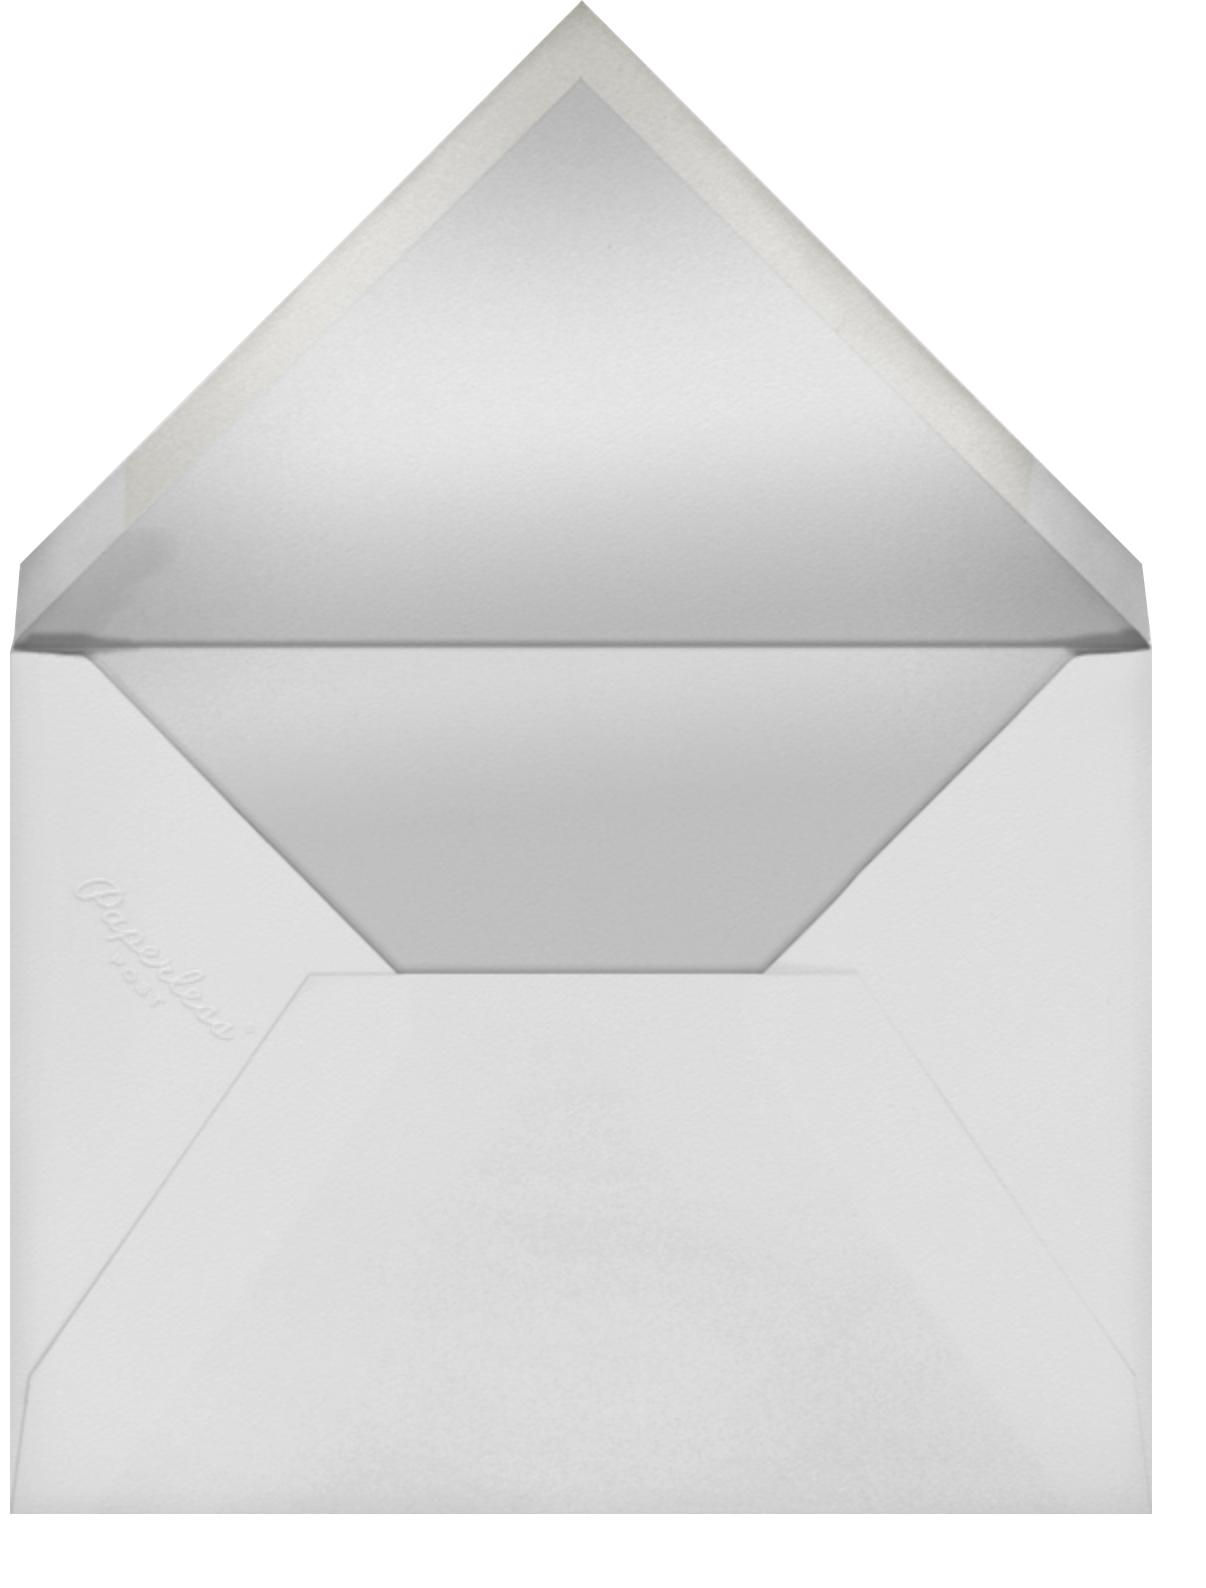 Mr. Waris (Program) - Mr. Boddington's Studio - Envelope